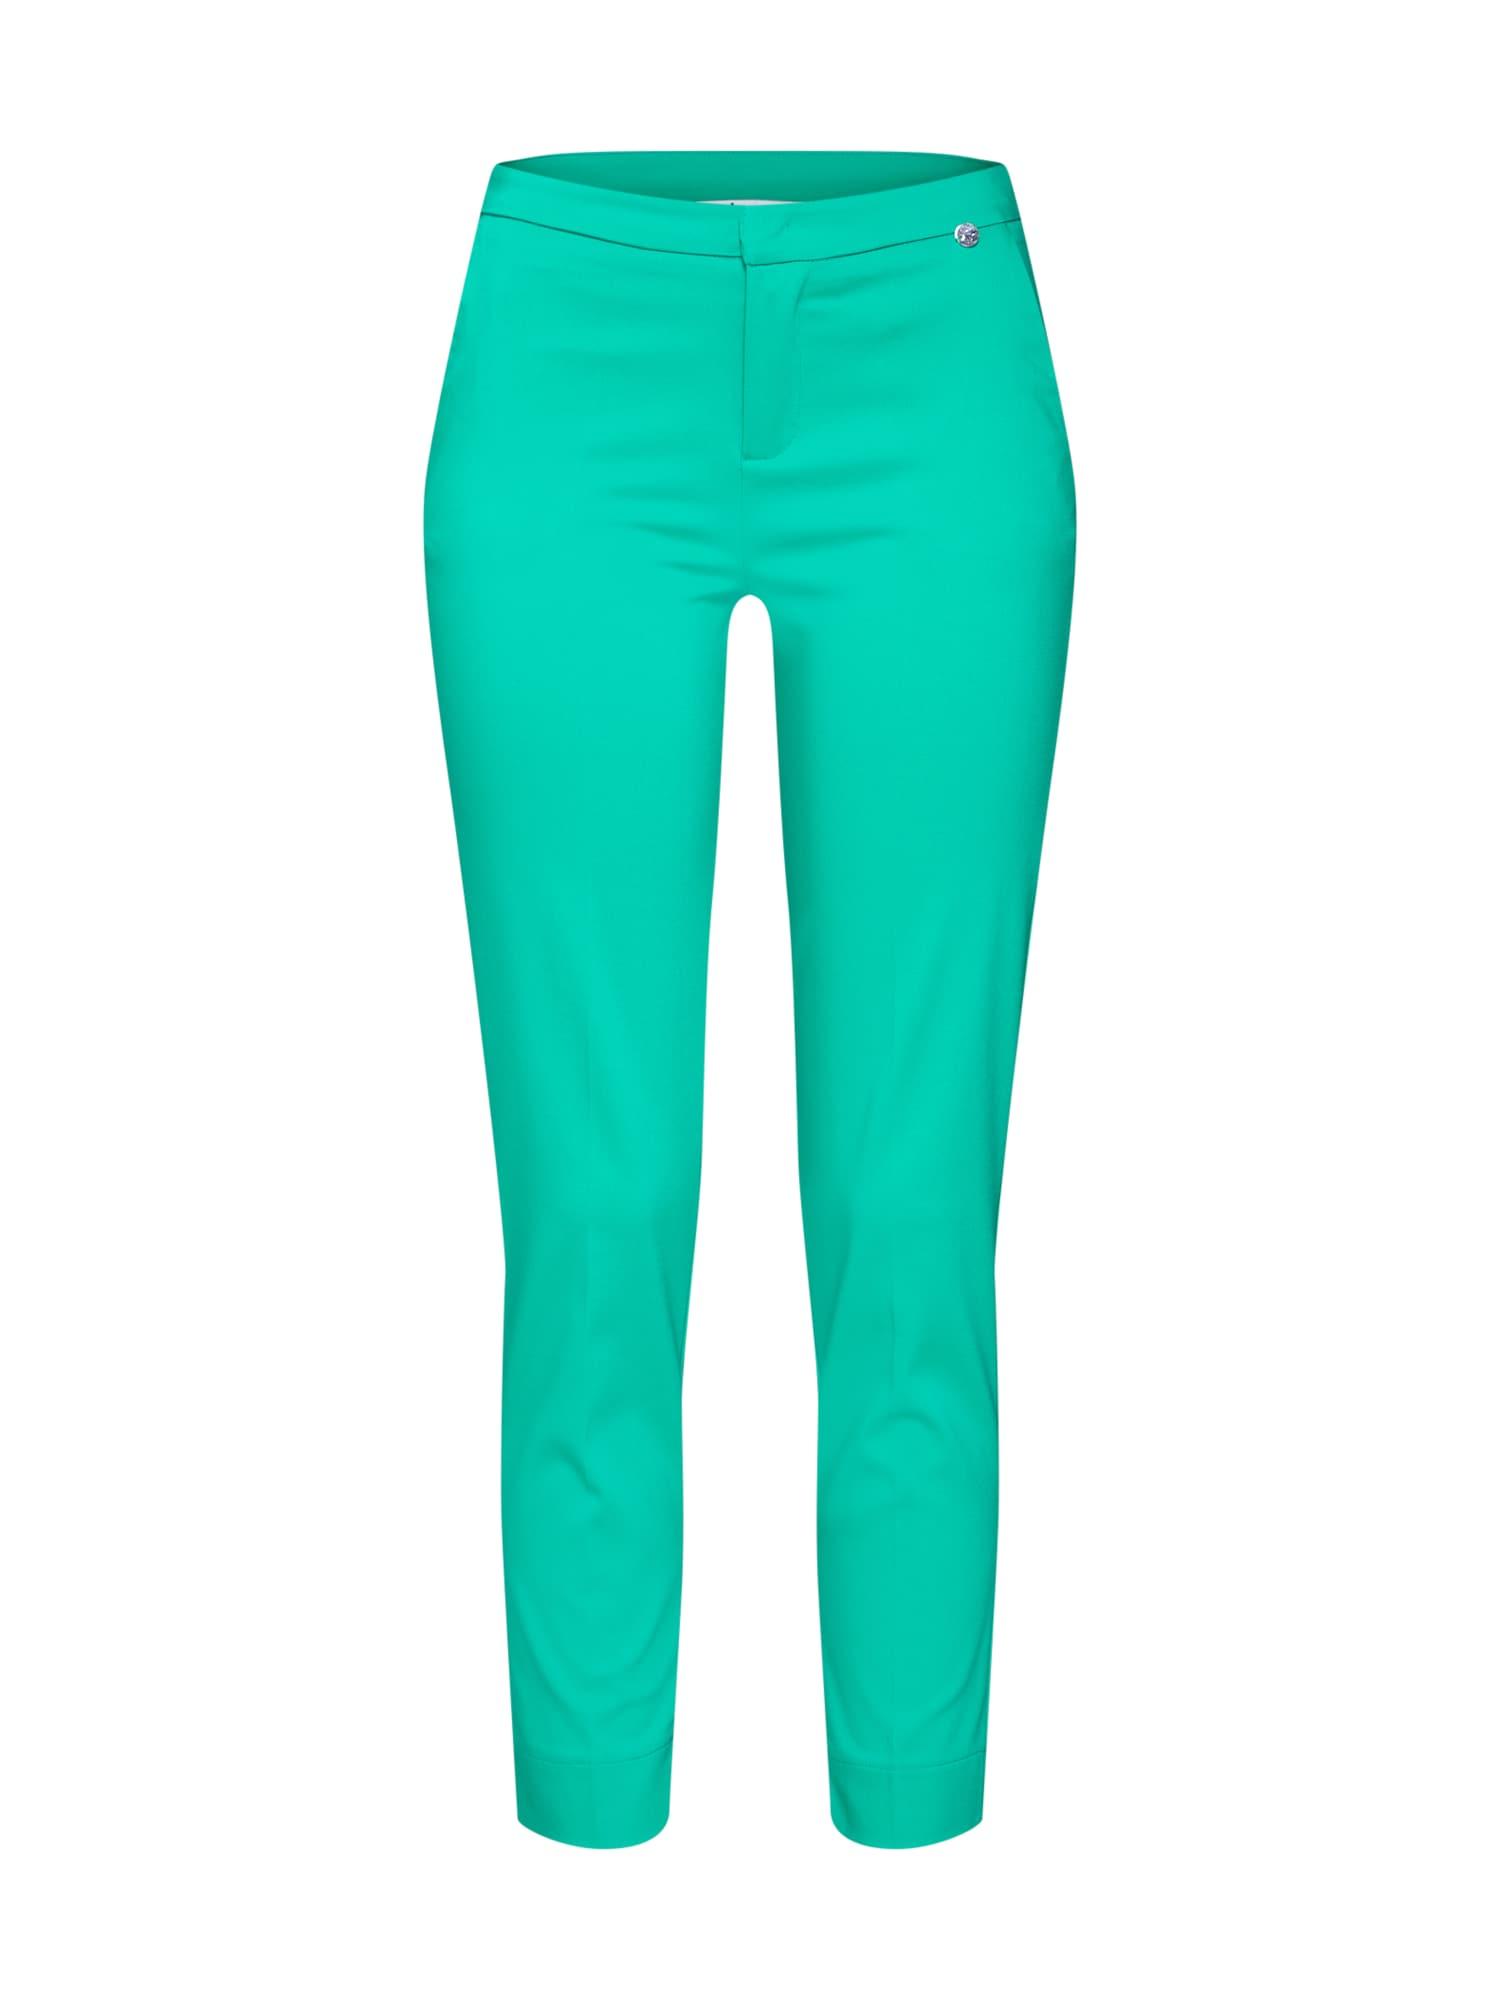 Kalhoty LG008670 zelená Liebesglück